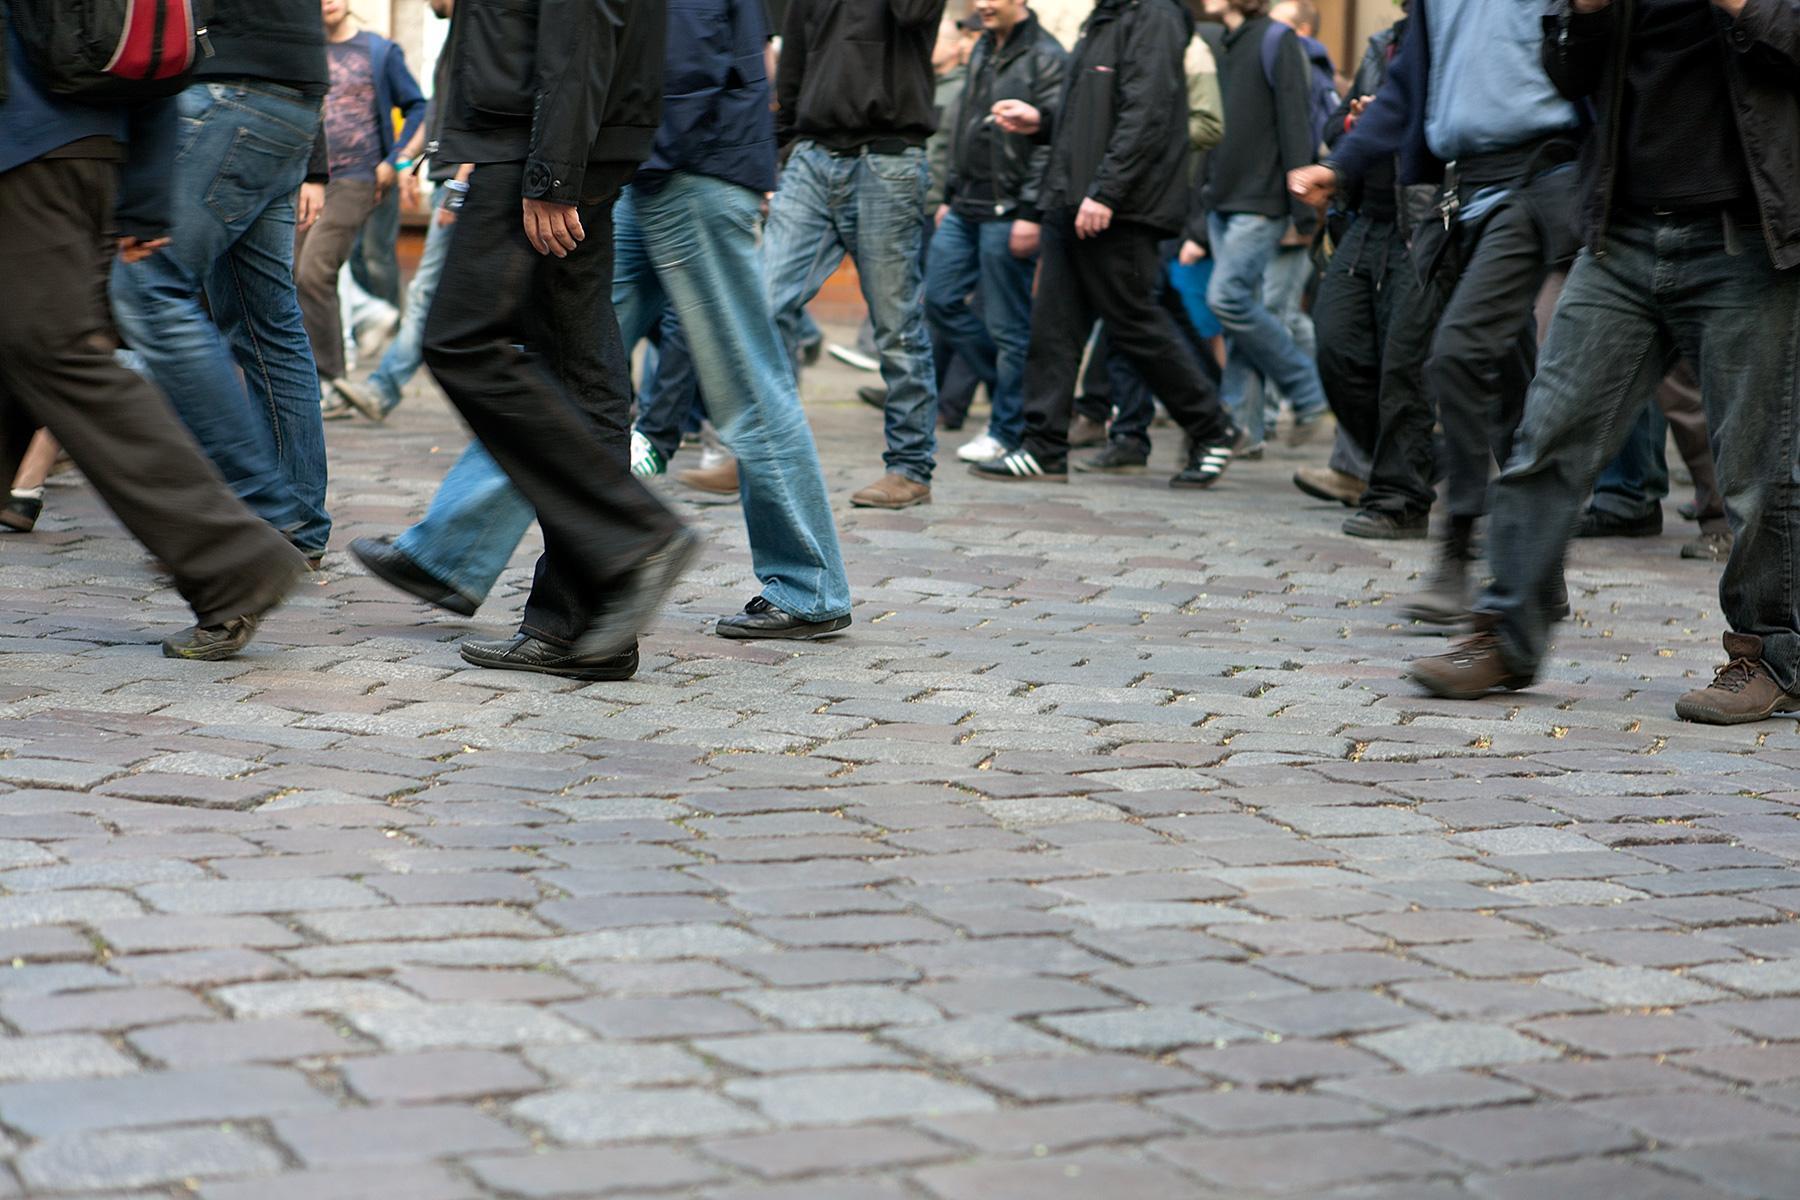 Füße und Beine auf dem Demozug auf der Seite Stadterkundung.com